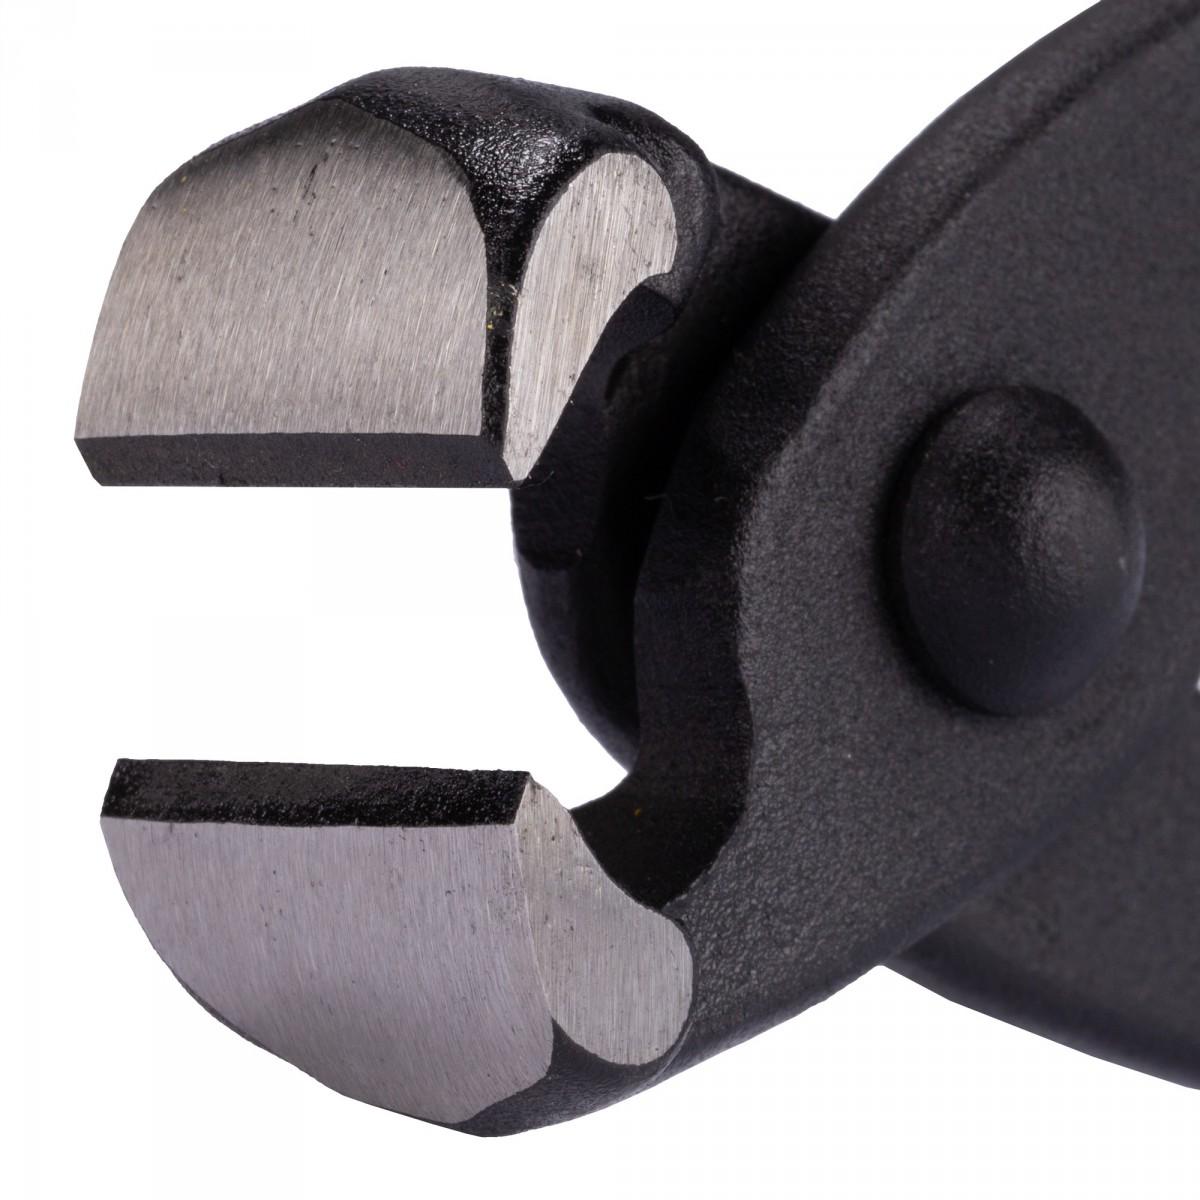 Tenaille russe Stanley - Longueur 220 mm